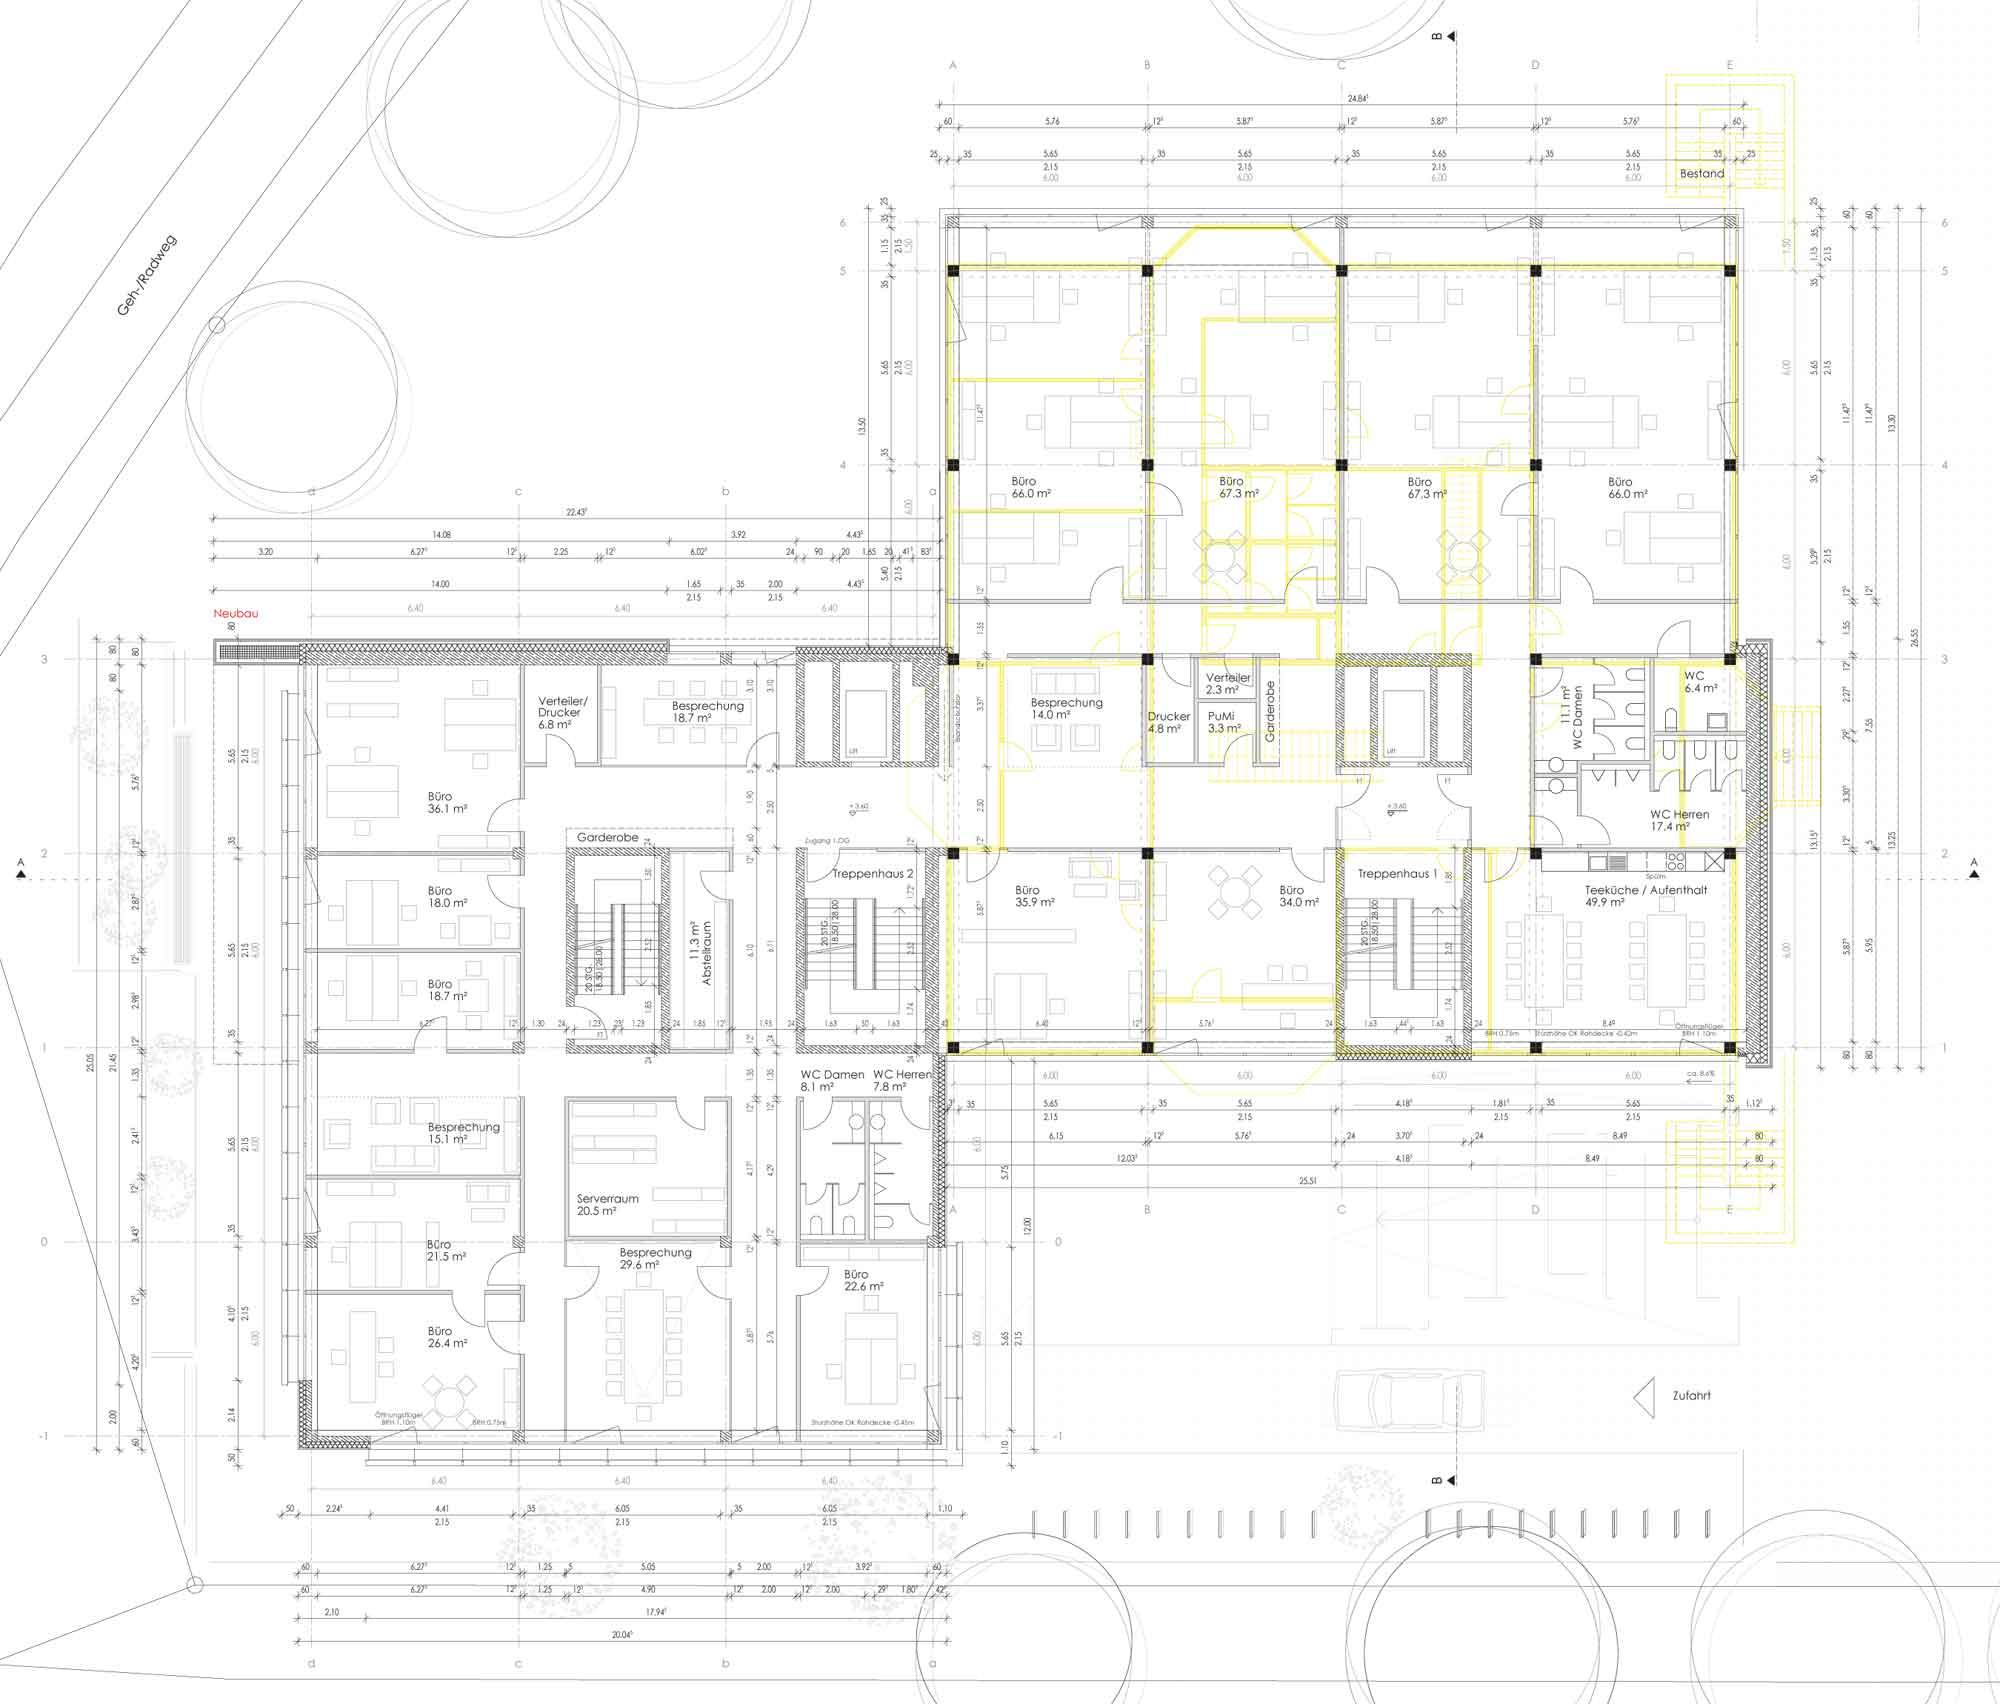 http://www.lanagrossa-areal.de/wp-content/uploads/2013/11/LANA-GROSSA-GRUNDRISS-1.jpg